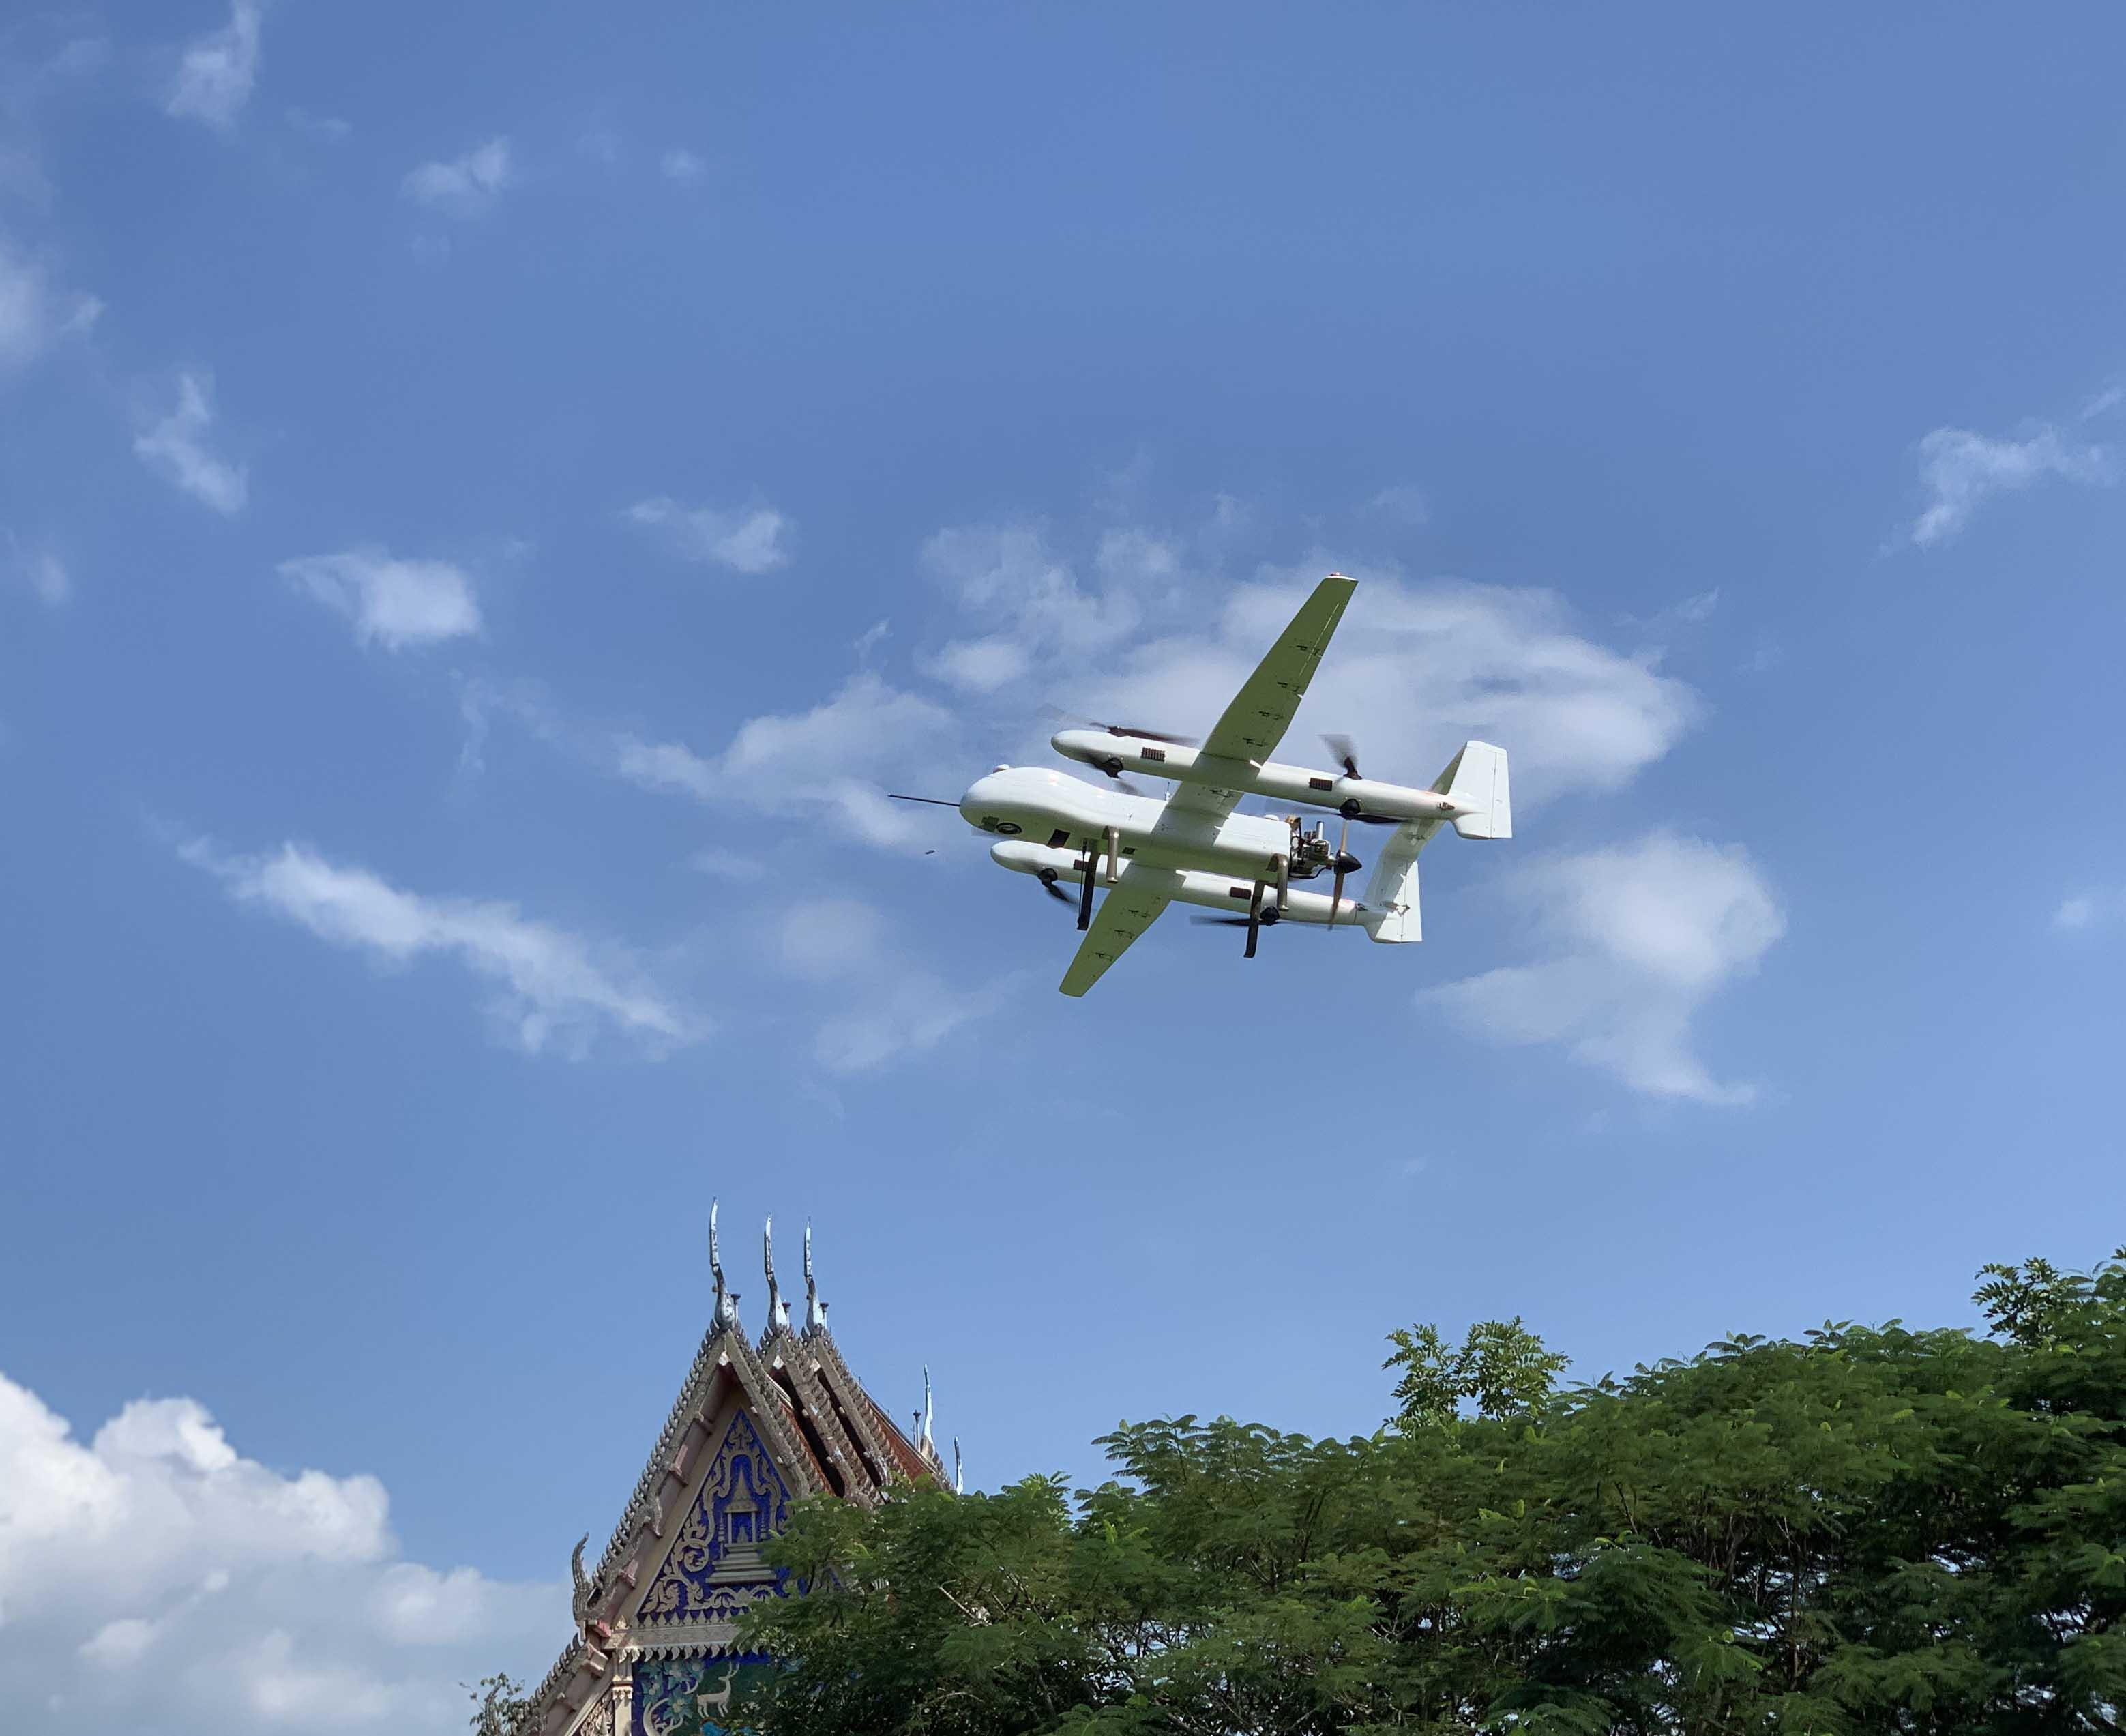 吉鸥长航时无人机激光雷达海外测绘应用再创佳绩